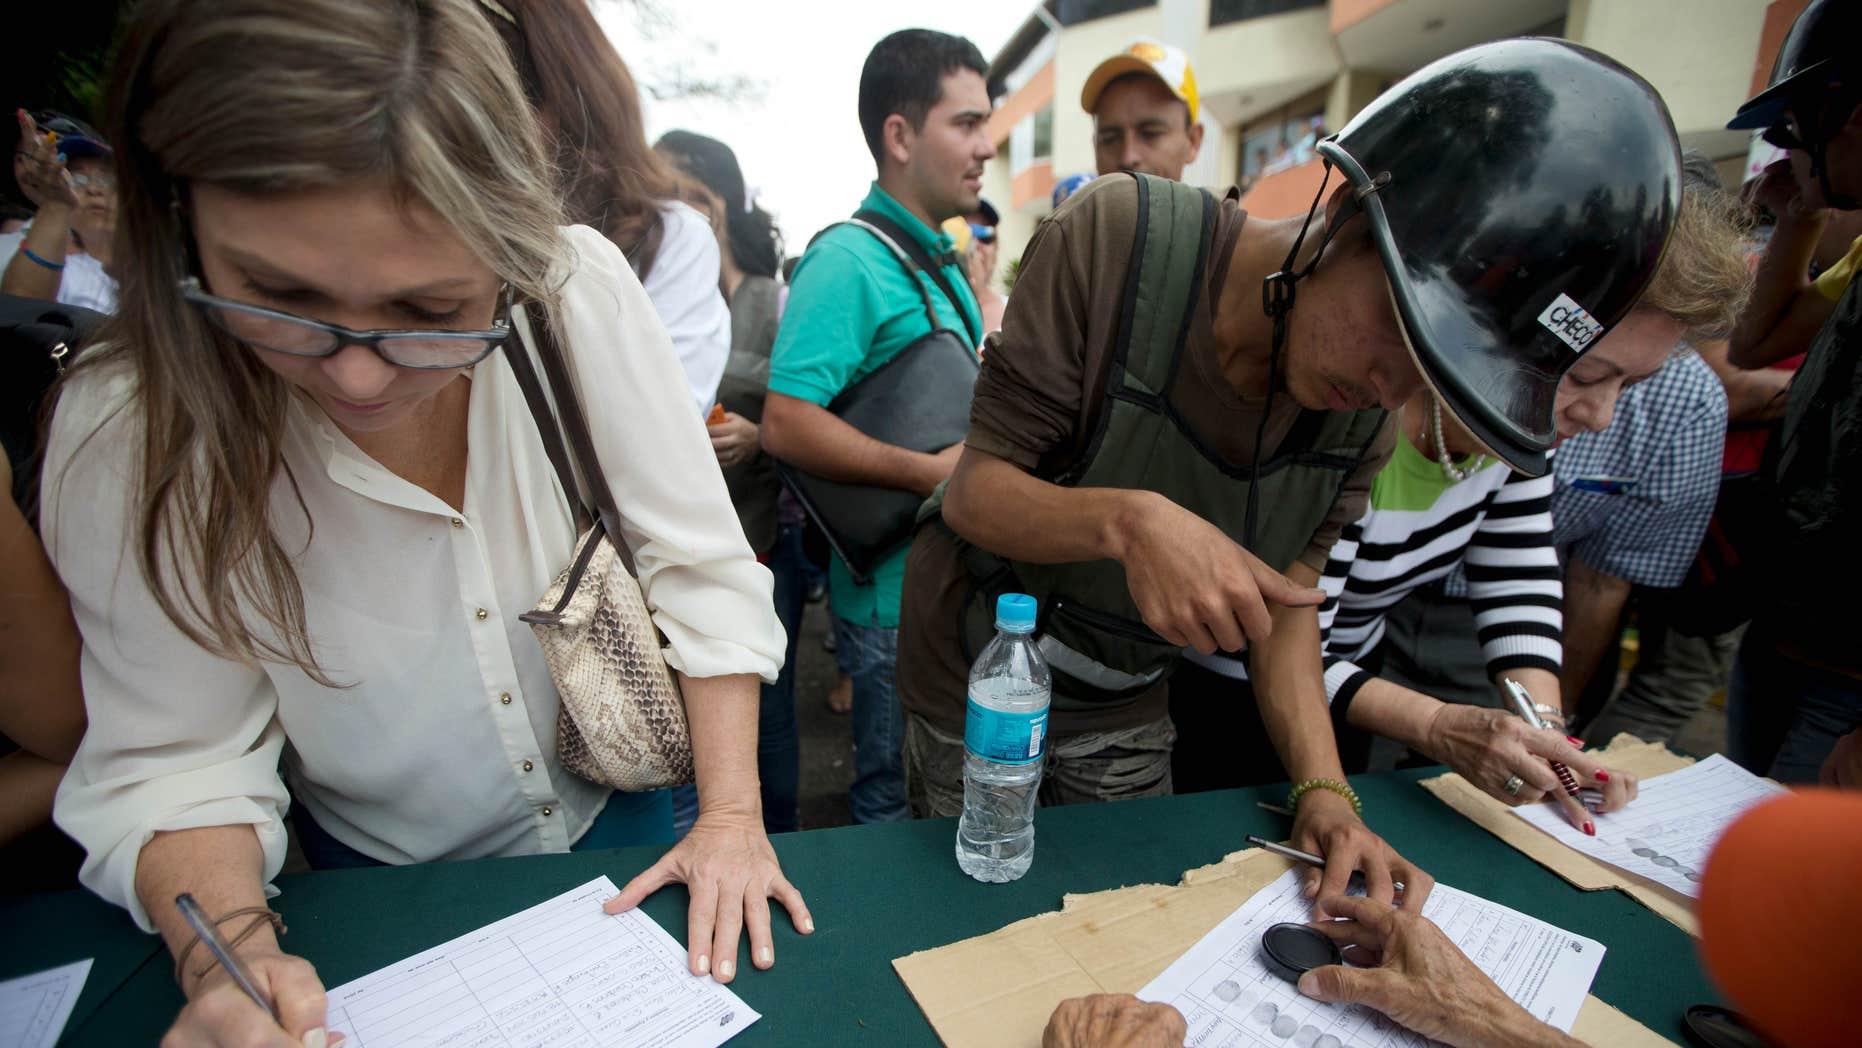 Venezolanos firman una petición que promueve la oposición, para iniciar un referendo revocatorio del mandato del presidente de Venezuela Nicolás Maduro en San Cristóbal, el miércoles 27 de abril de 2016. (Foto AP/Fernando Llano)